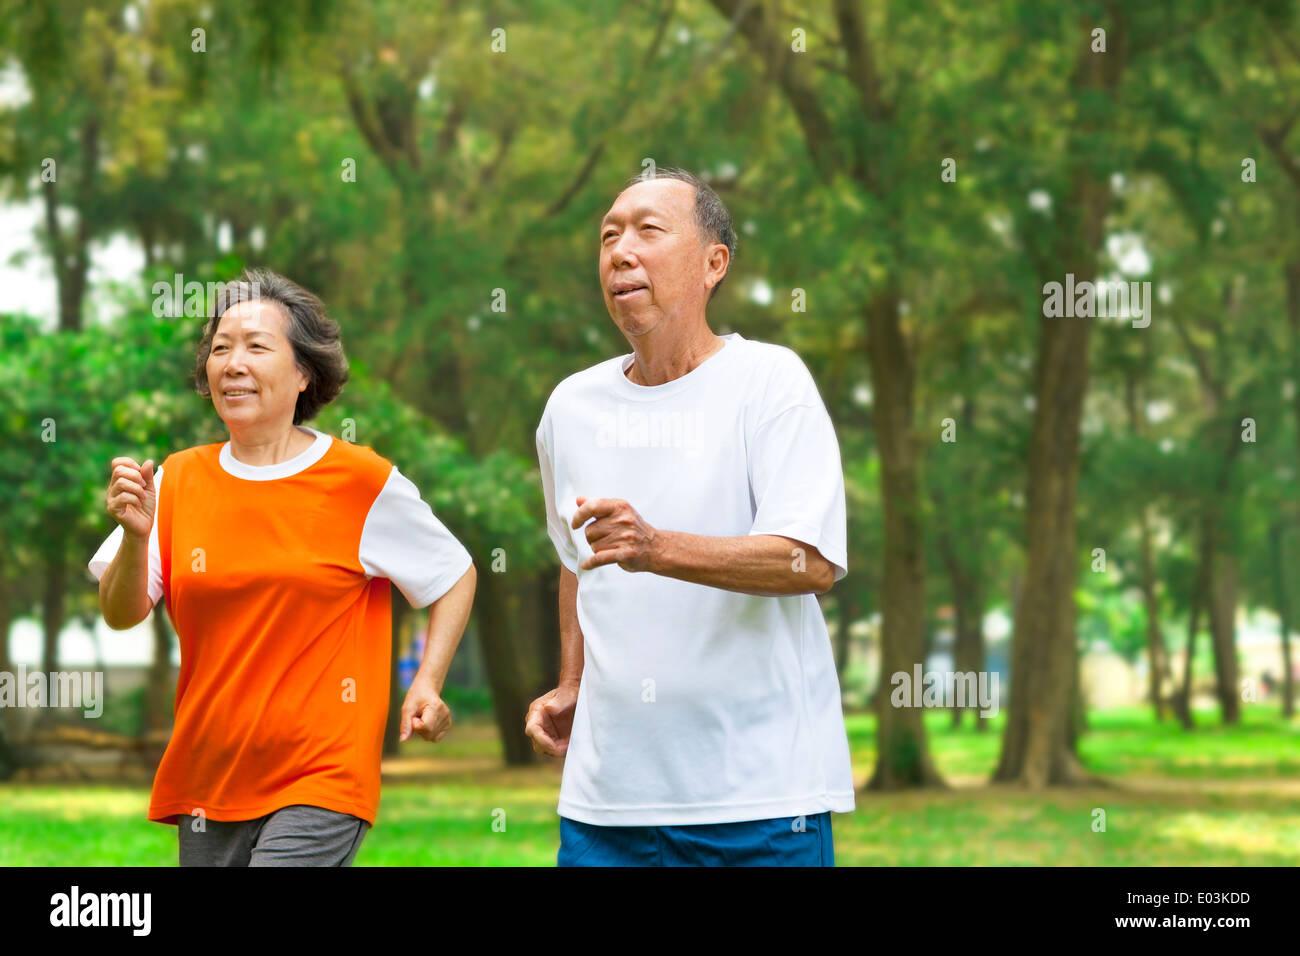 Felice coppia senior correndo insieme nel parco Immagini Stock